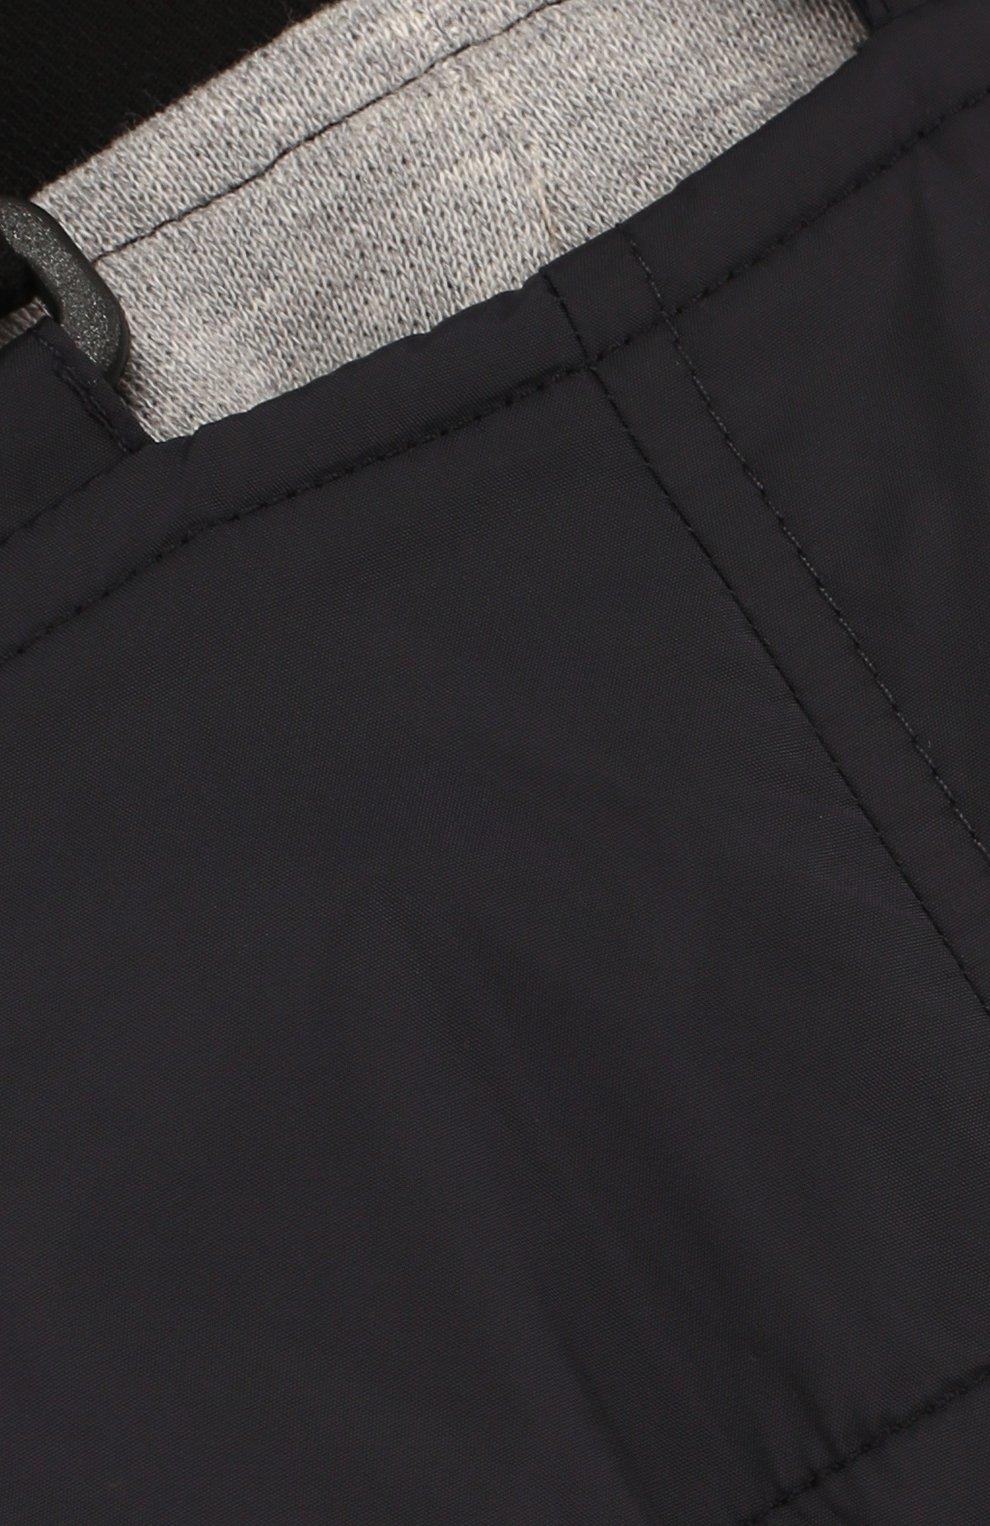 Детский комбинезон на подтяжках MONCLER ENFANT темно-синего цвета, арт. D1-951-14001-05-68352 | Фото 3